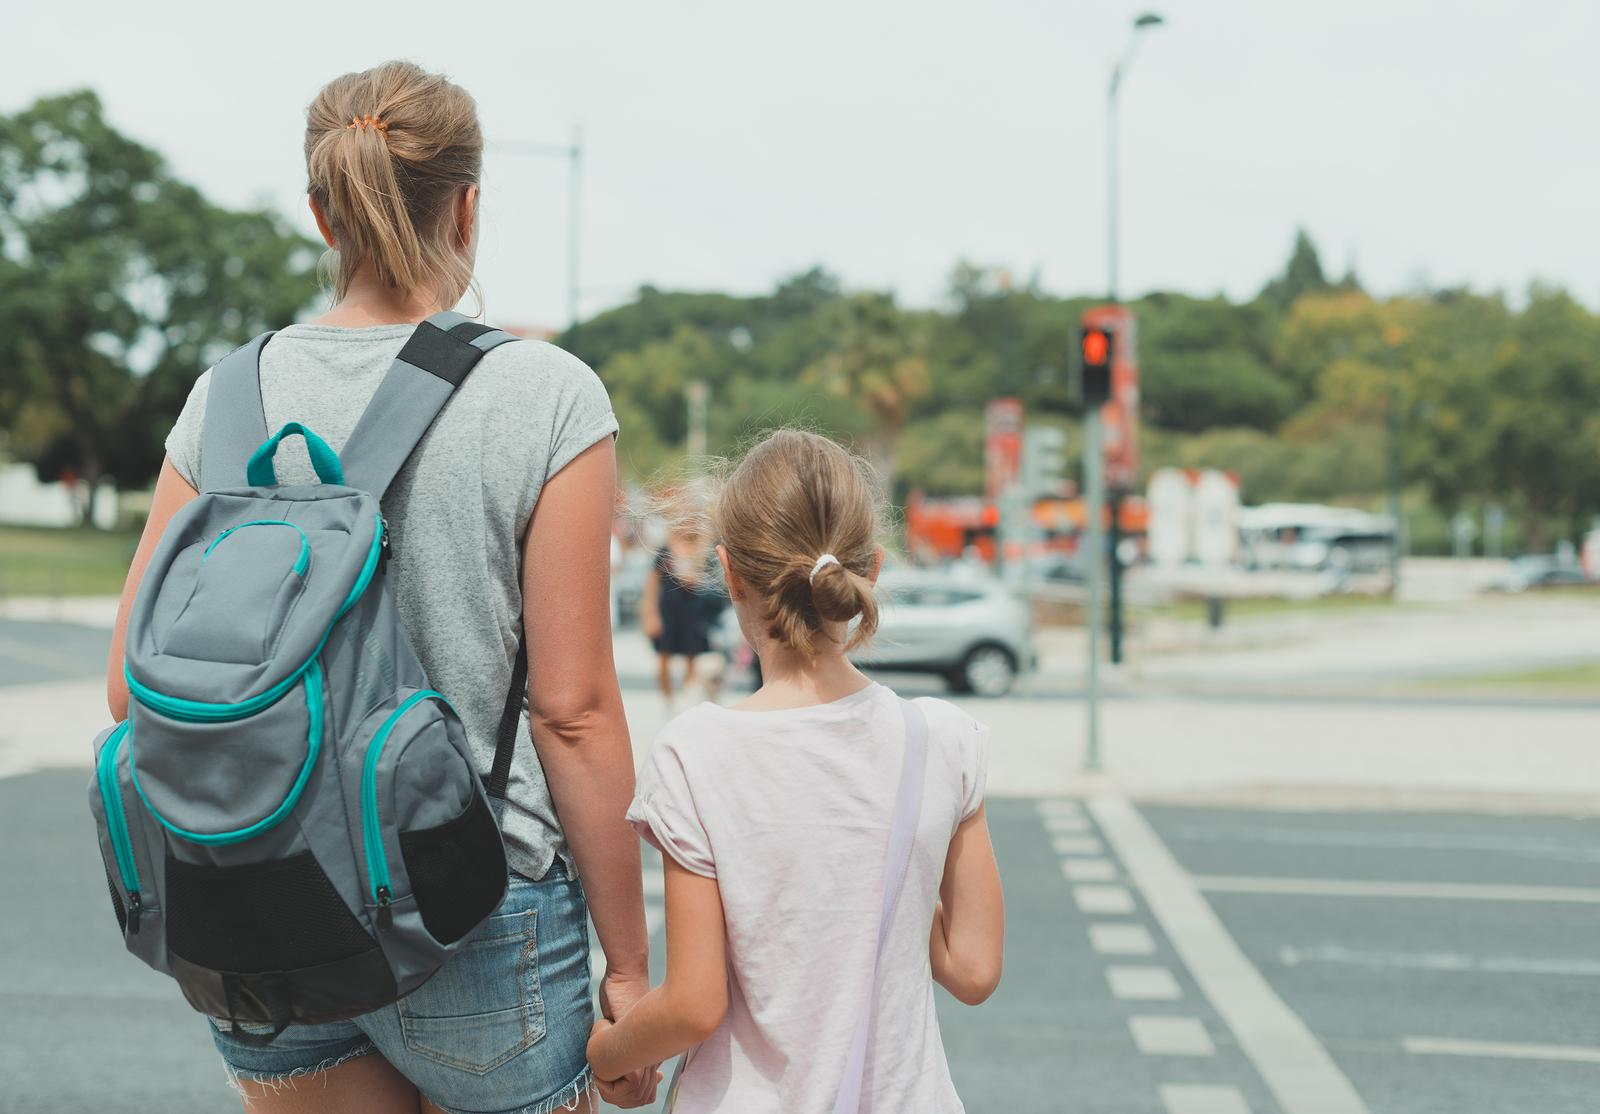 Mutter und Tochter warten an der Straße